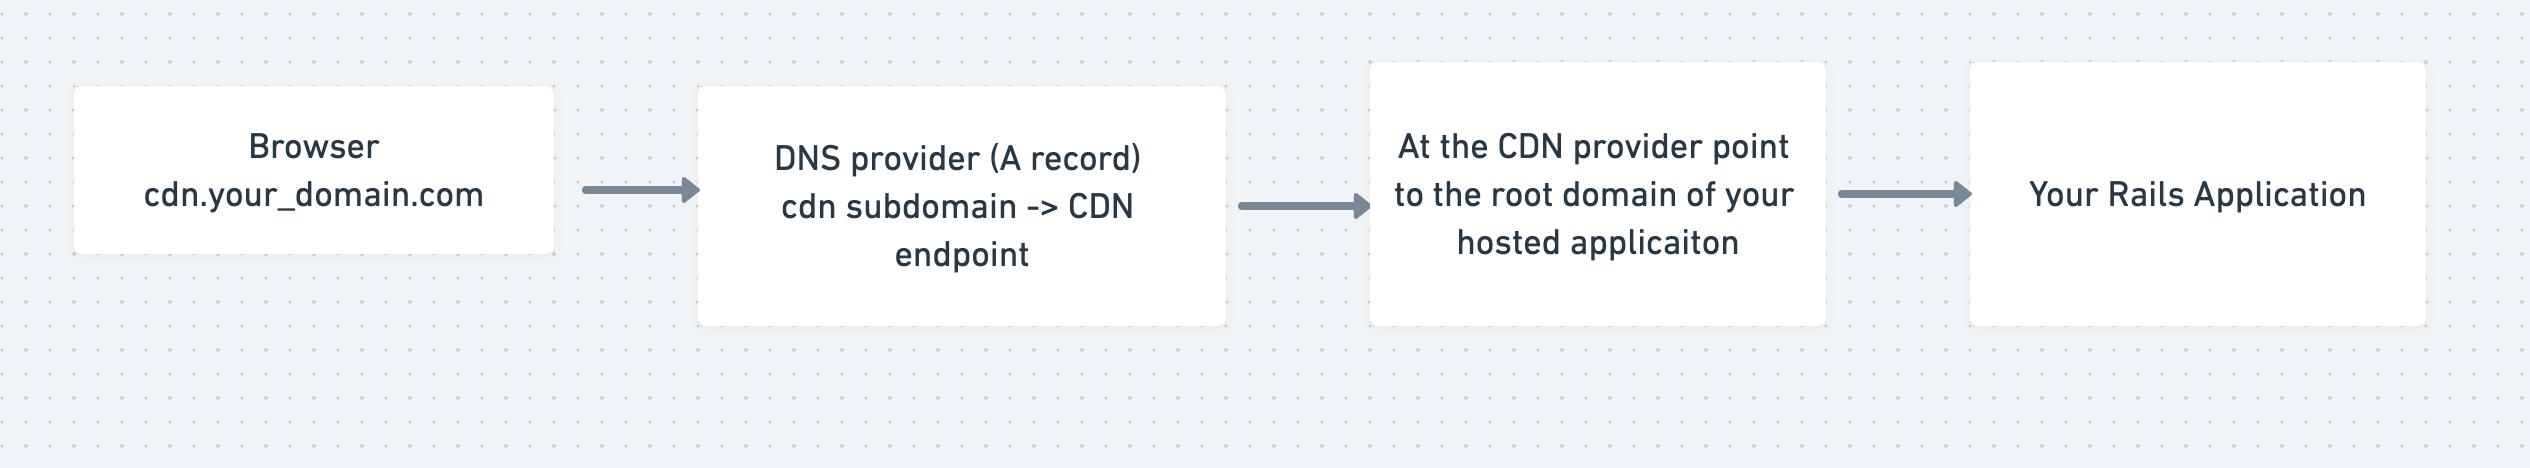 Configuring a CDN